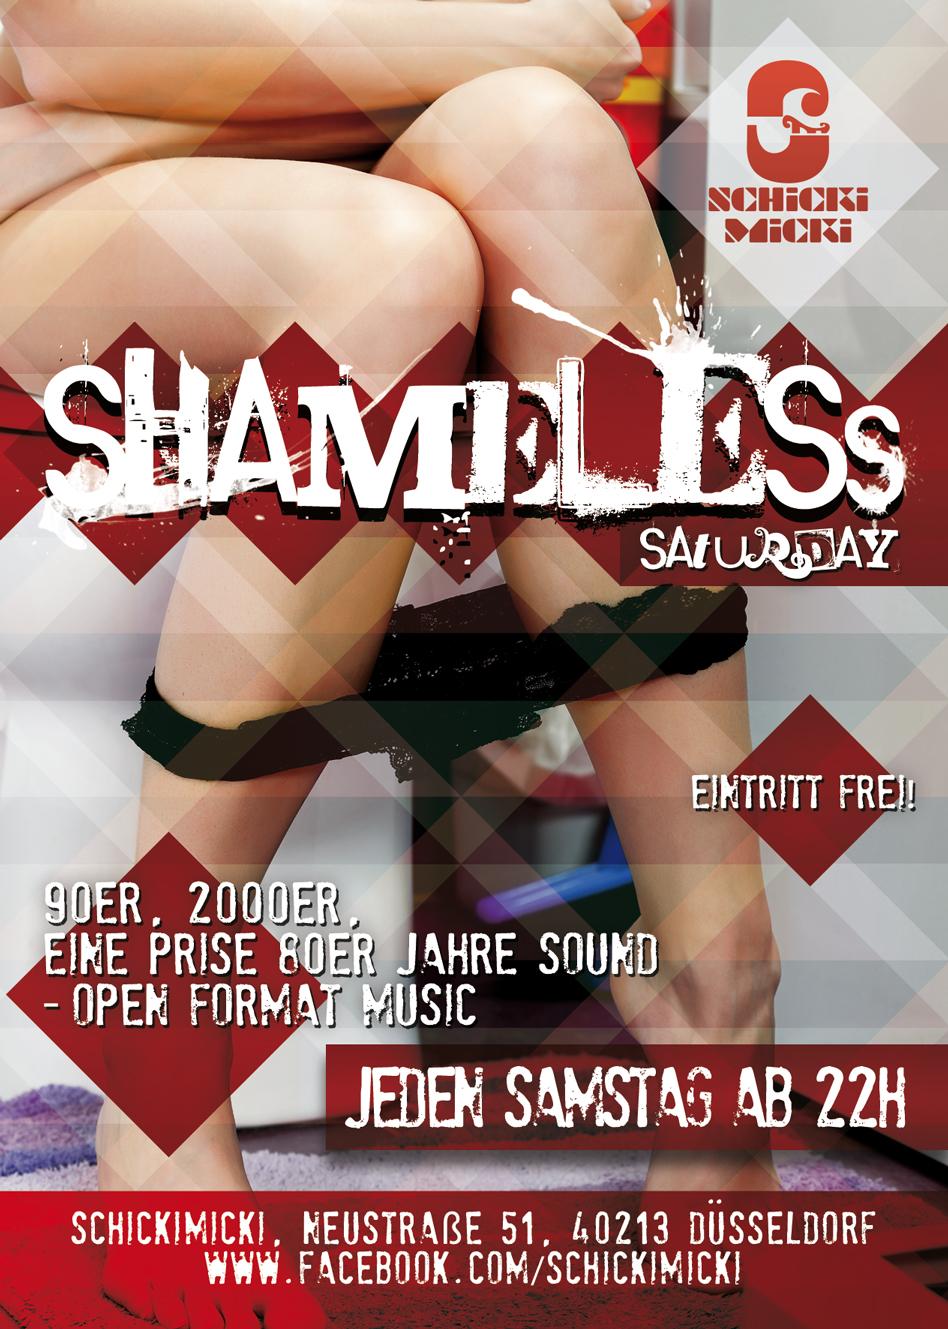 Shameless Saturday